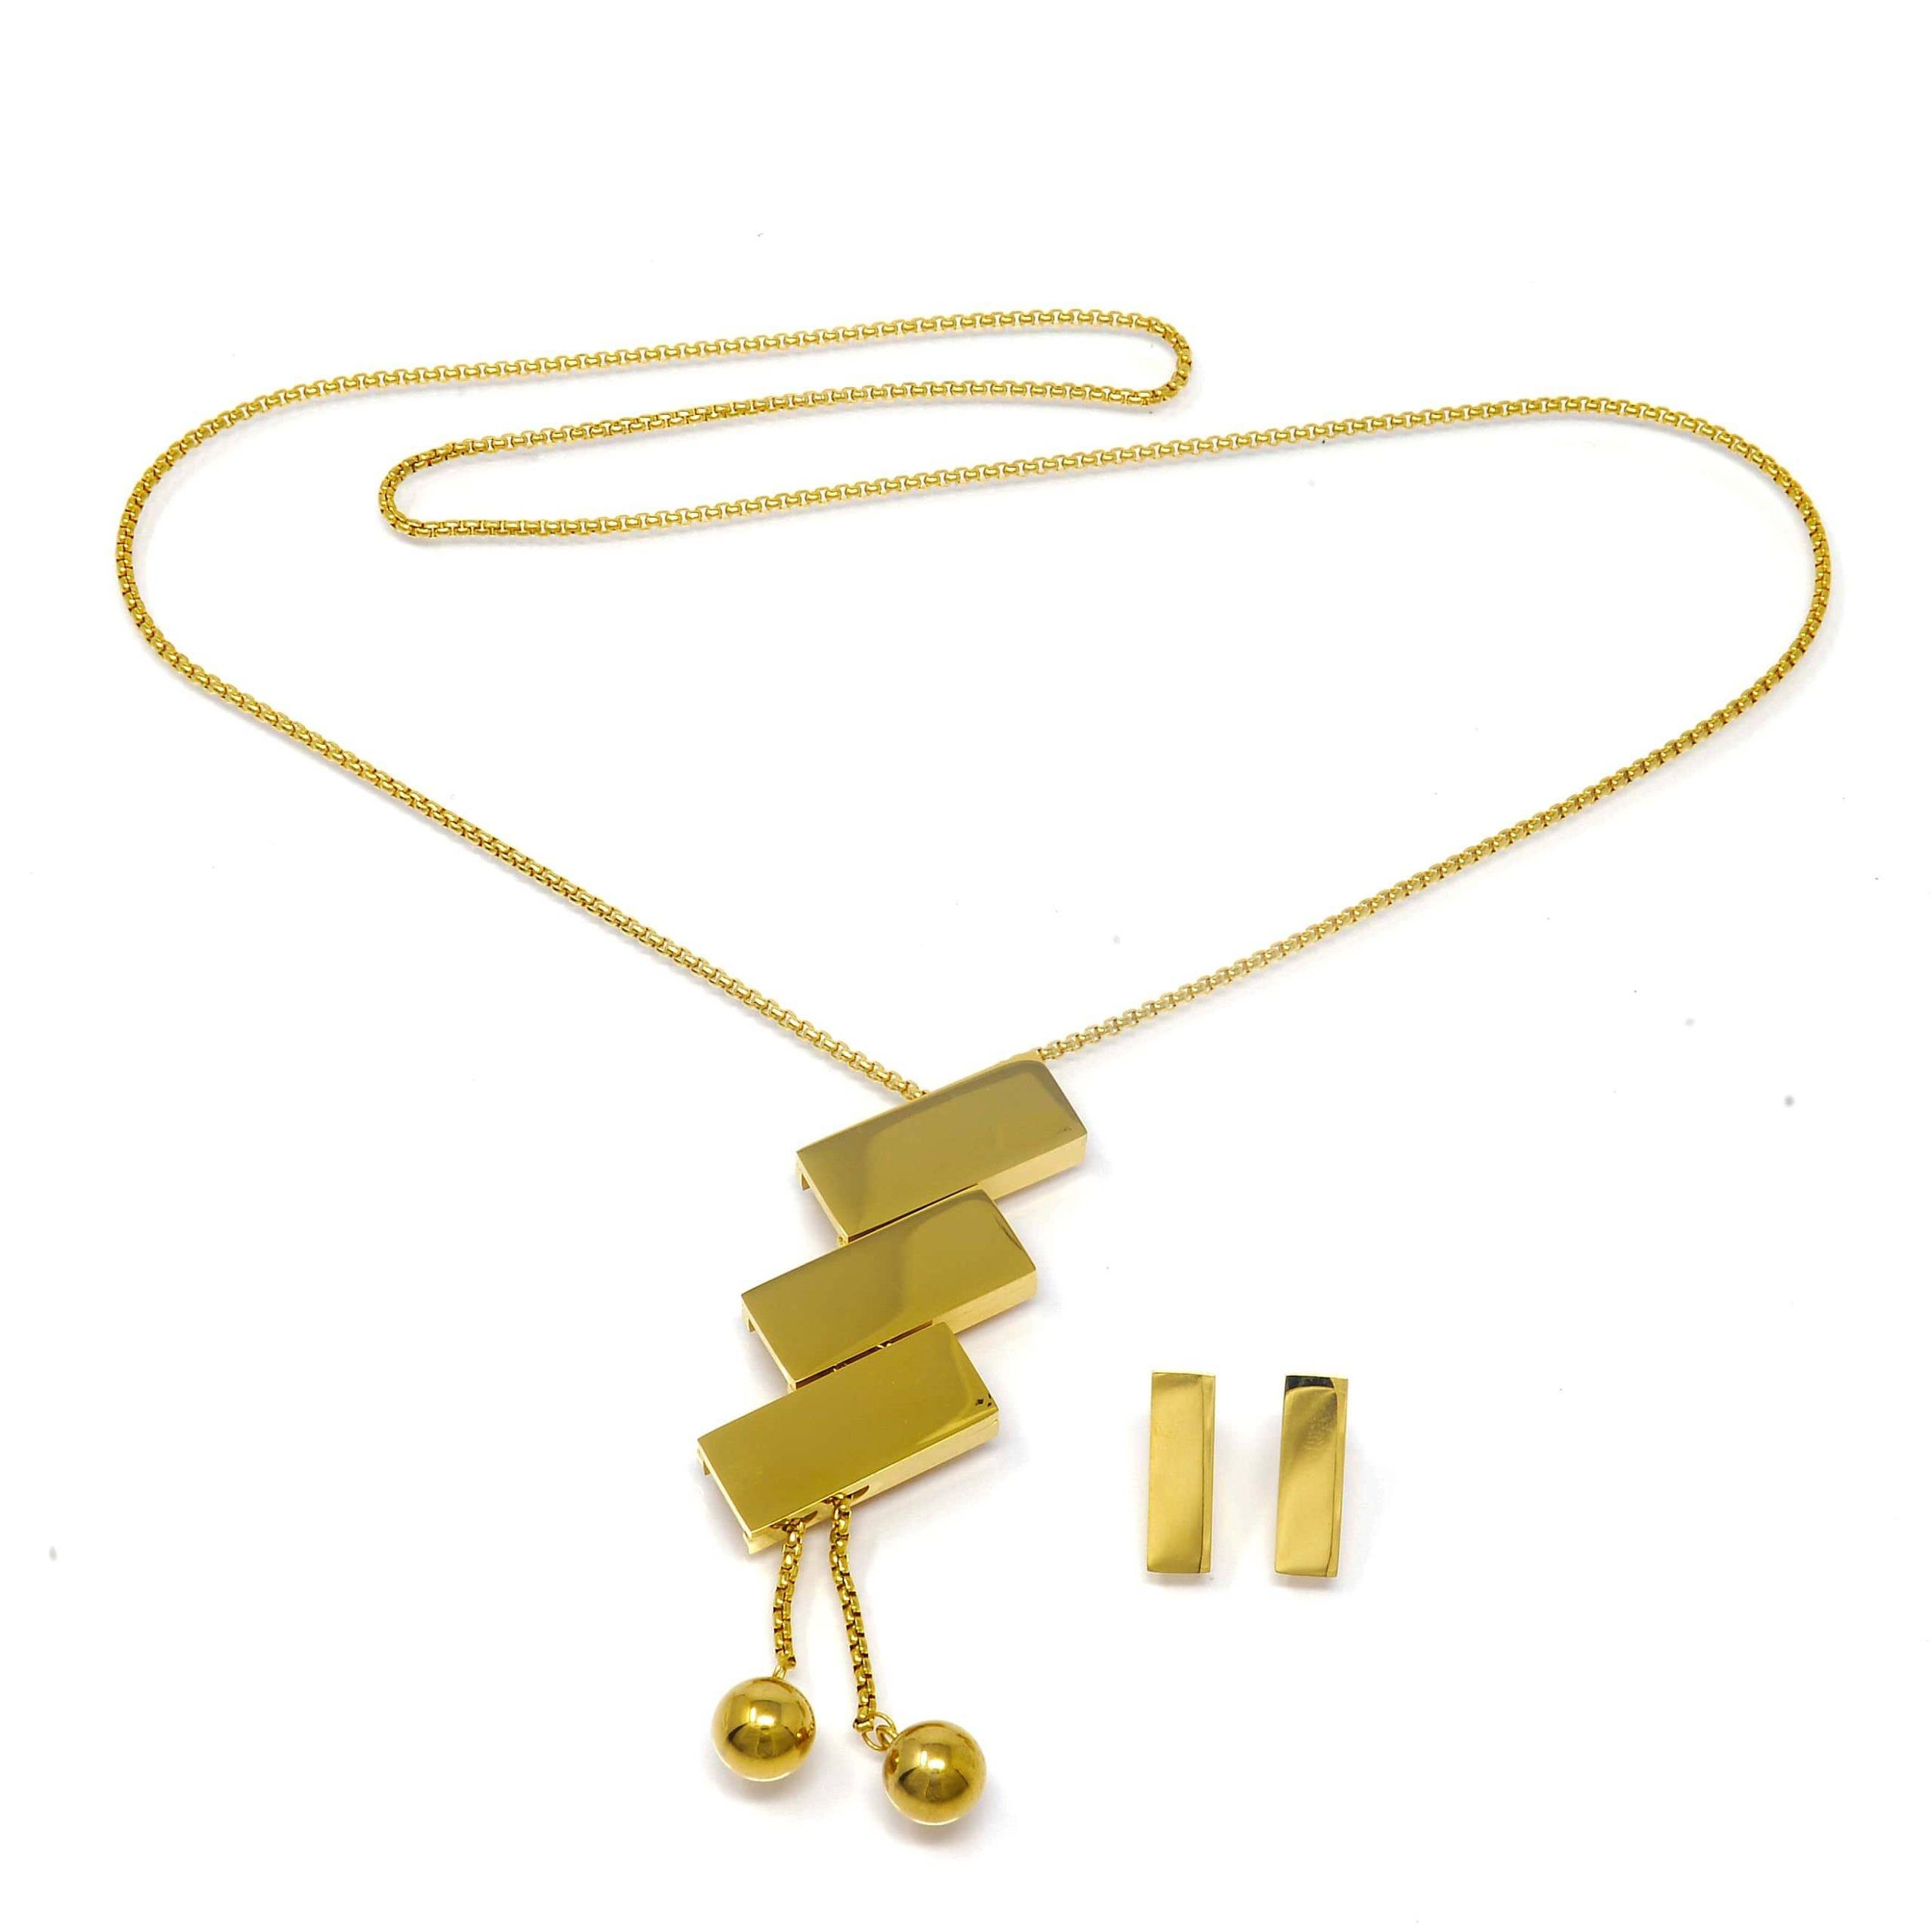 Collier motifs rectangle et bo acier dore 60CM-min